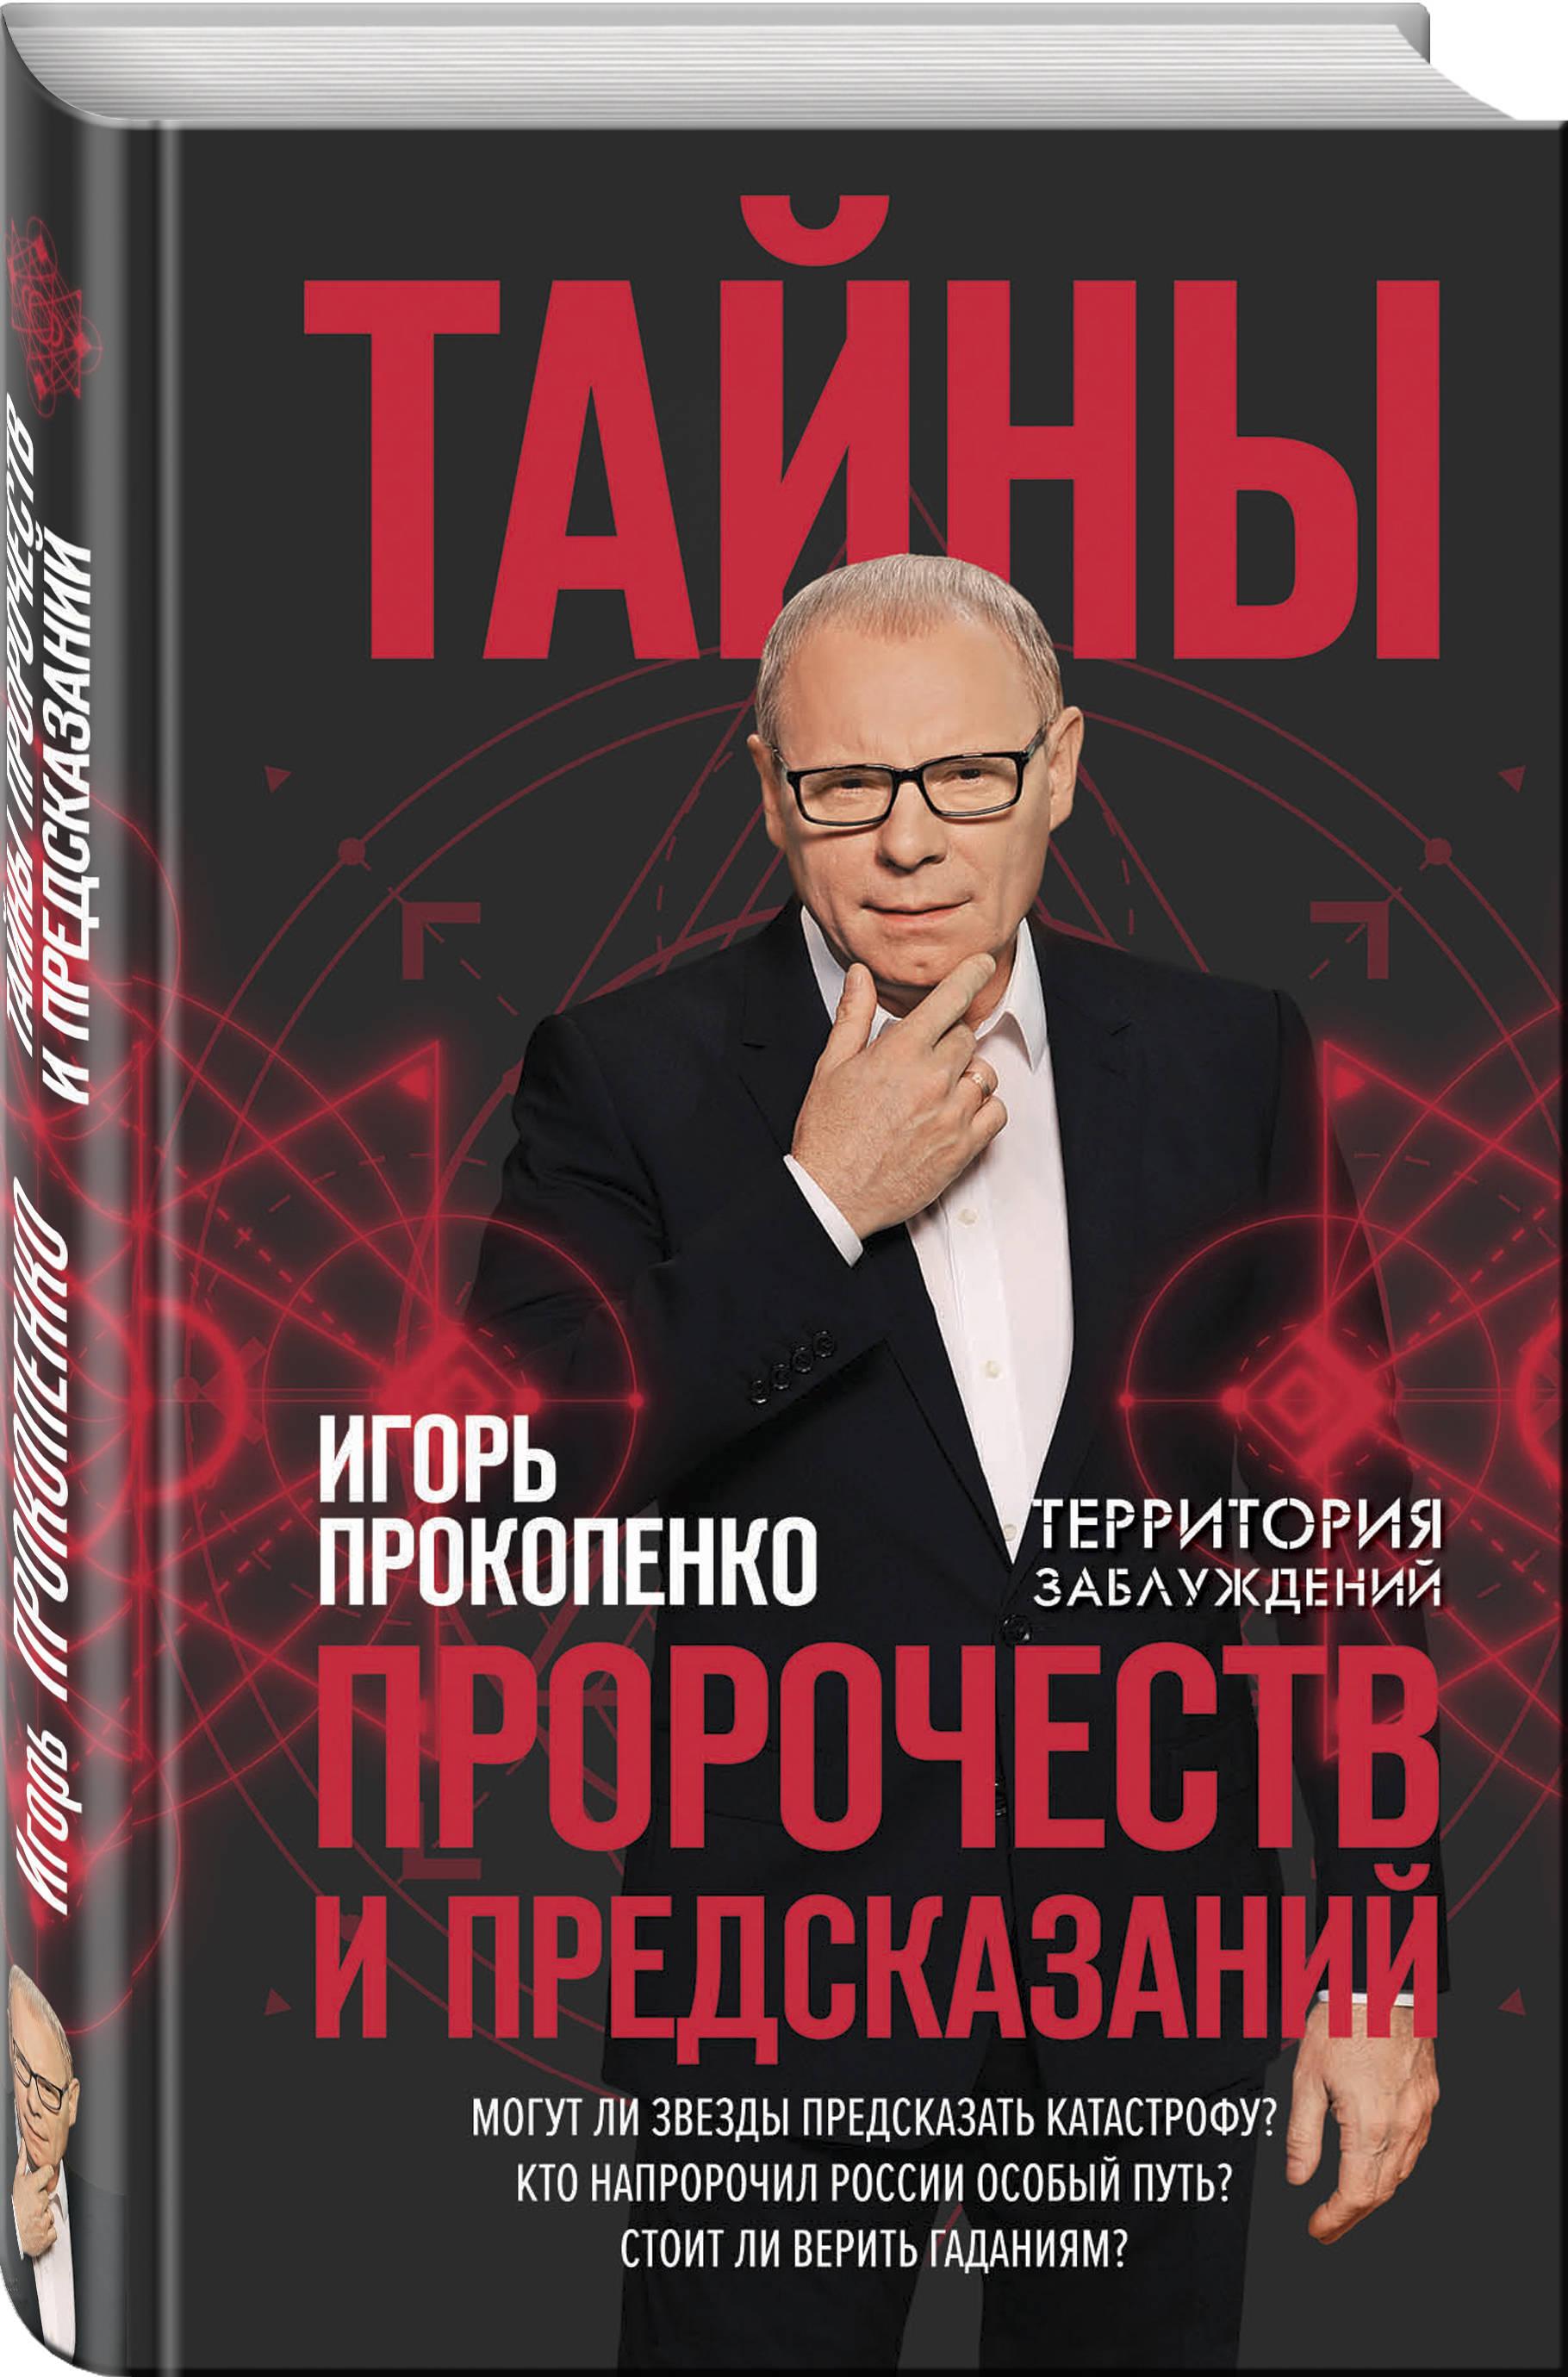 Тайны пророчеств и предсказаний. Игорь Прокопенко